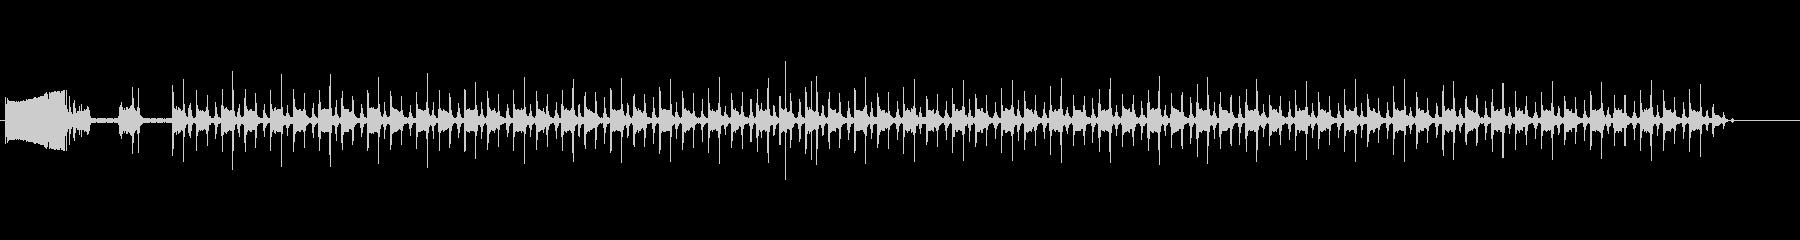 コンピューター-フォトスキャナー-...の未再生の波形